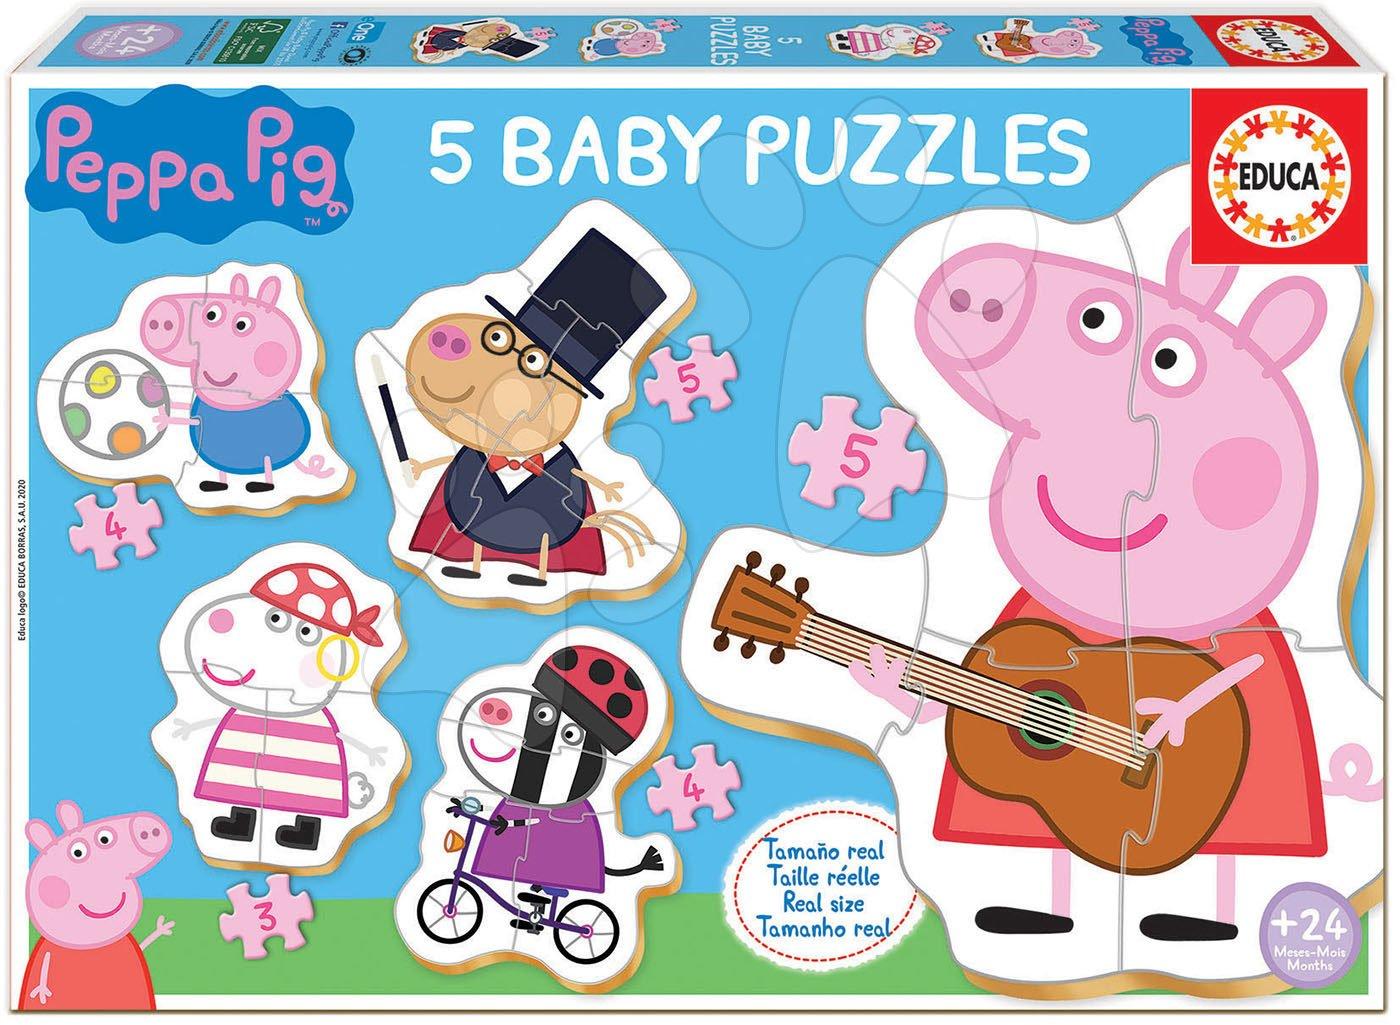 Puzzle pro nejmenší Baby 5 Peppa Pig 2 Educa od 24 měsíců